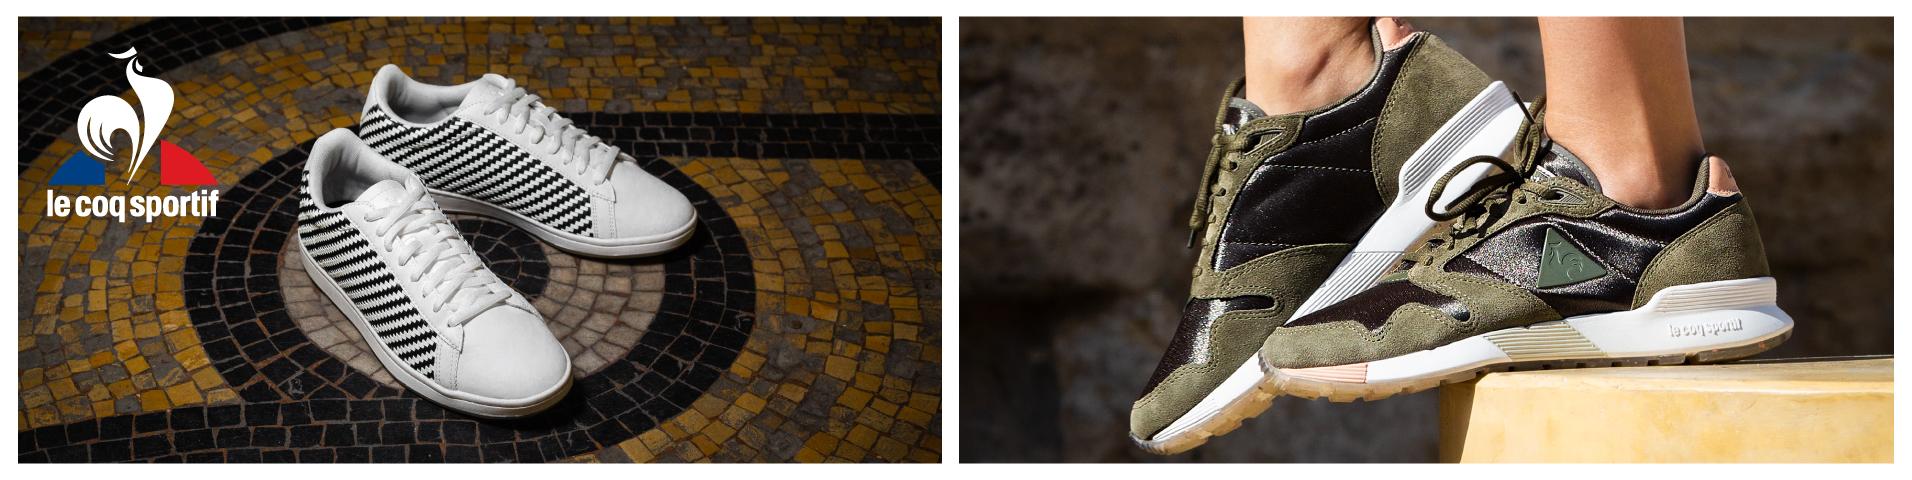 Coq Sportif Femme Sneakers Zalando En Le Achetez Ligne Sur tEqfxqnW